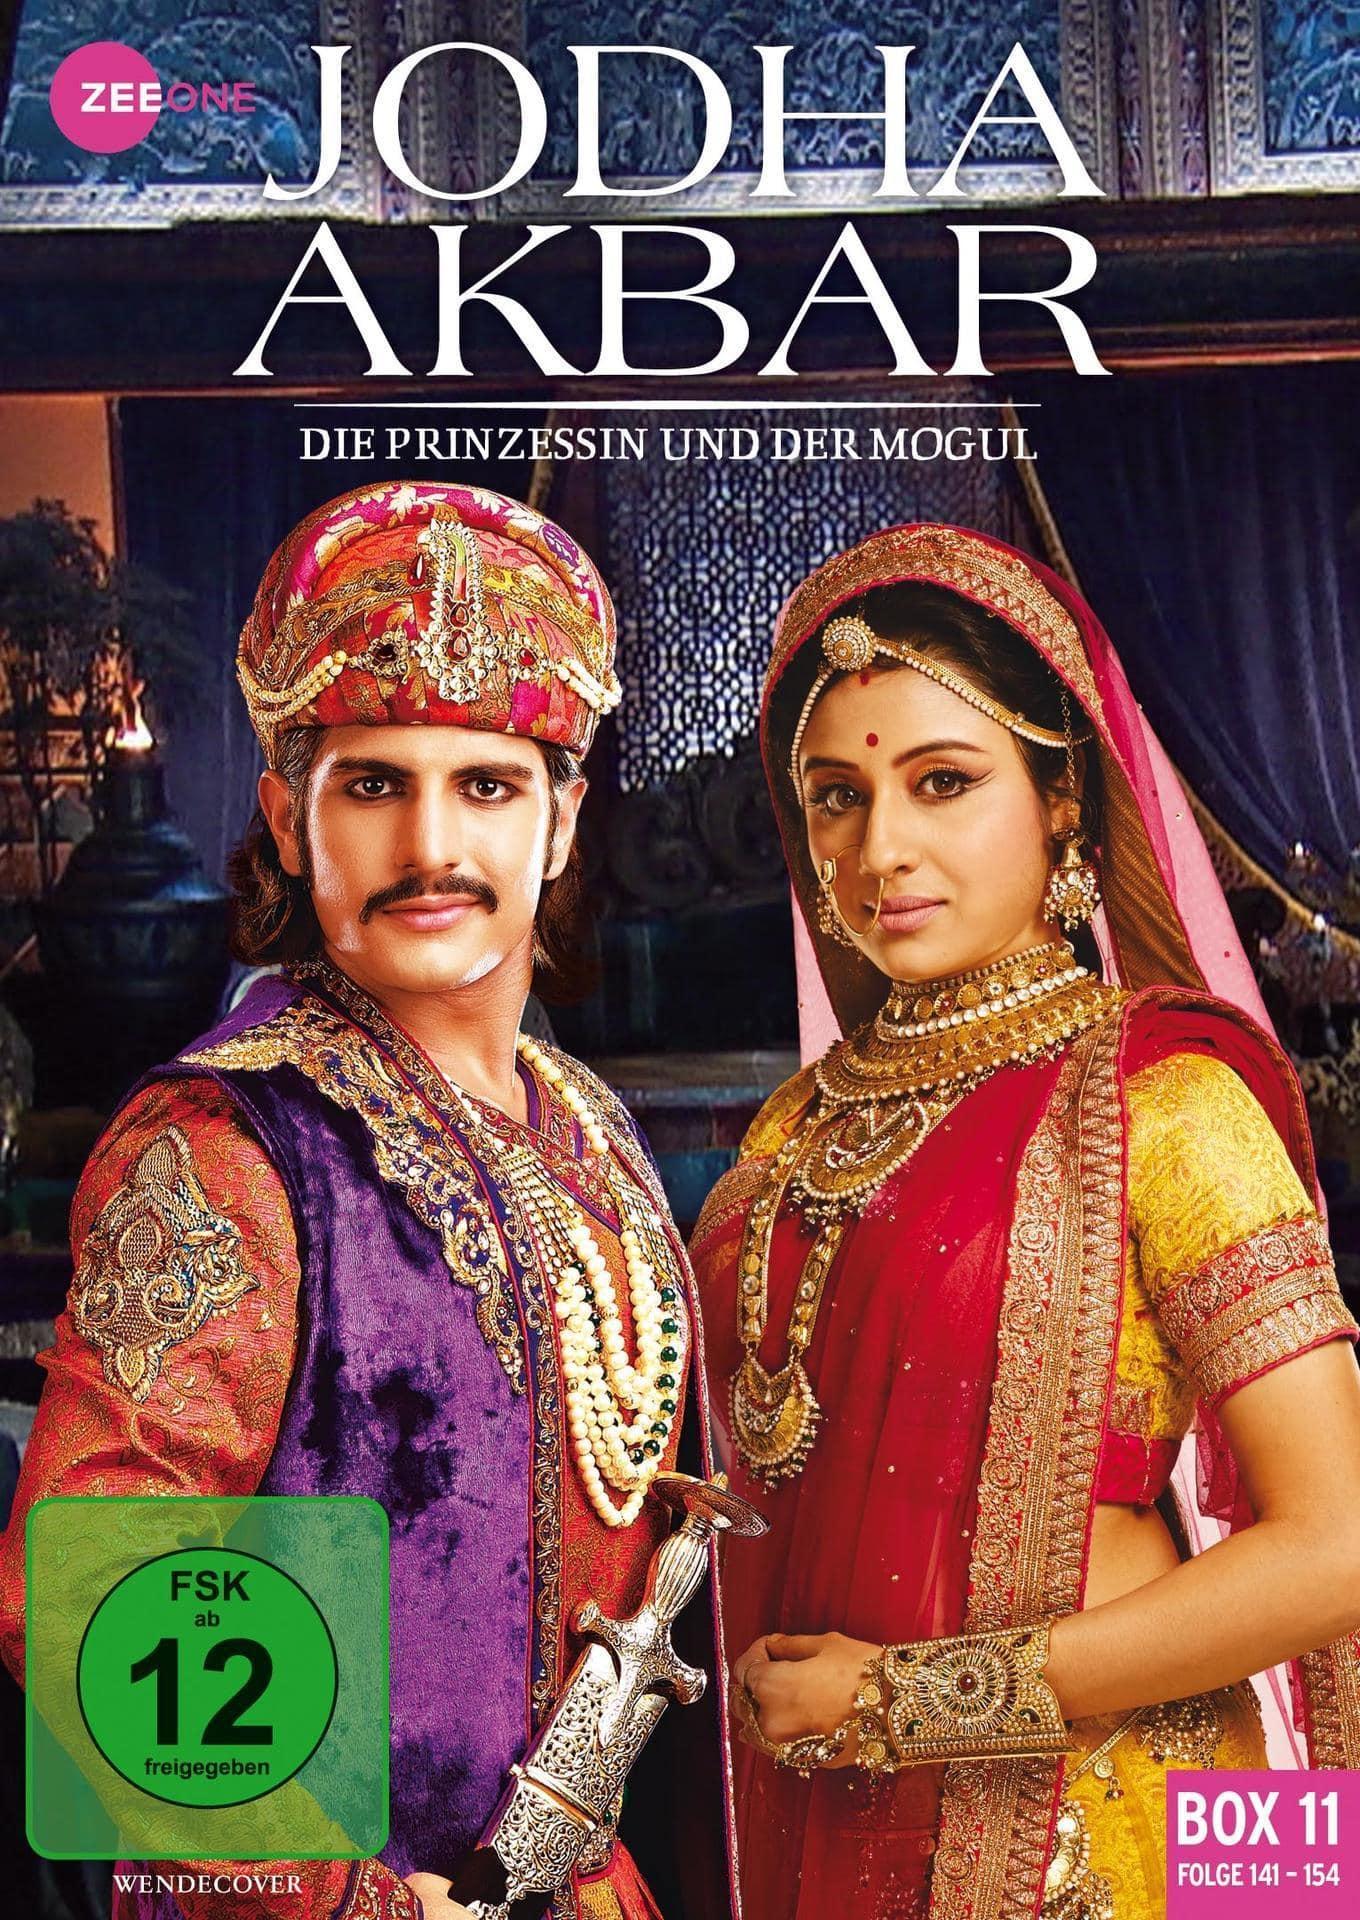 Jodha Akbar - Die Prinzessin und der Mogul (Box 11) (Folge 141-154) DVD-Box (DVD) für 19,46 Euro